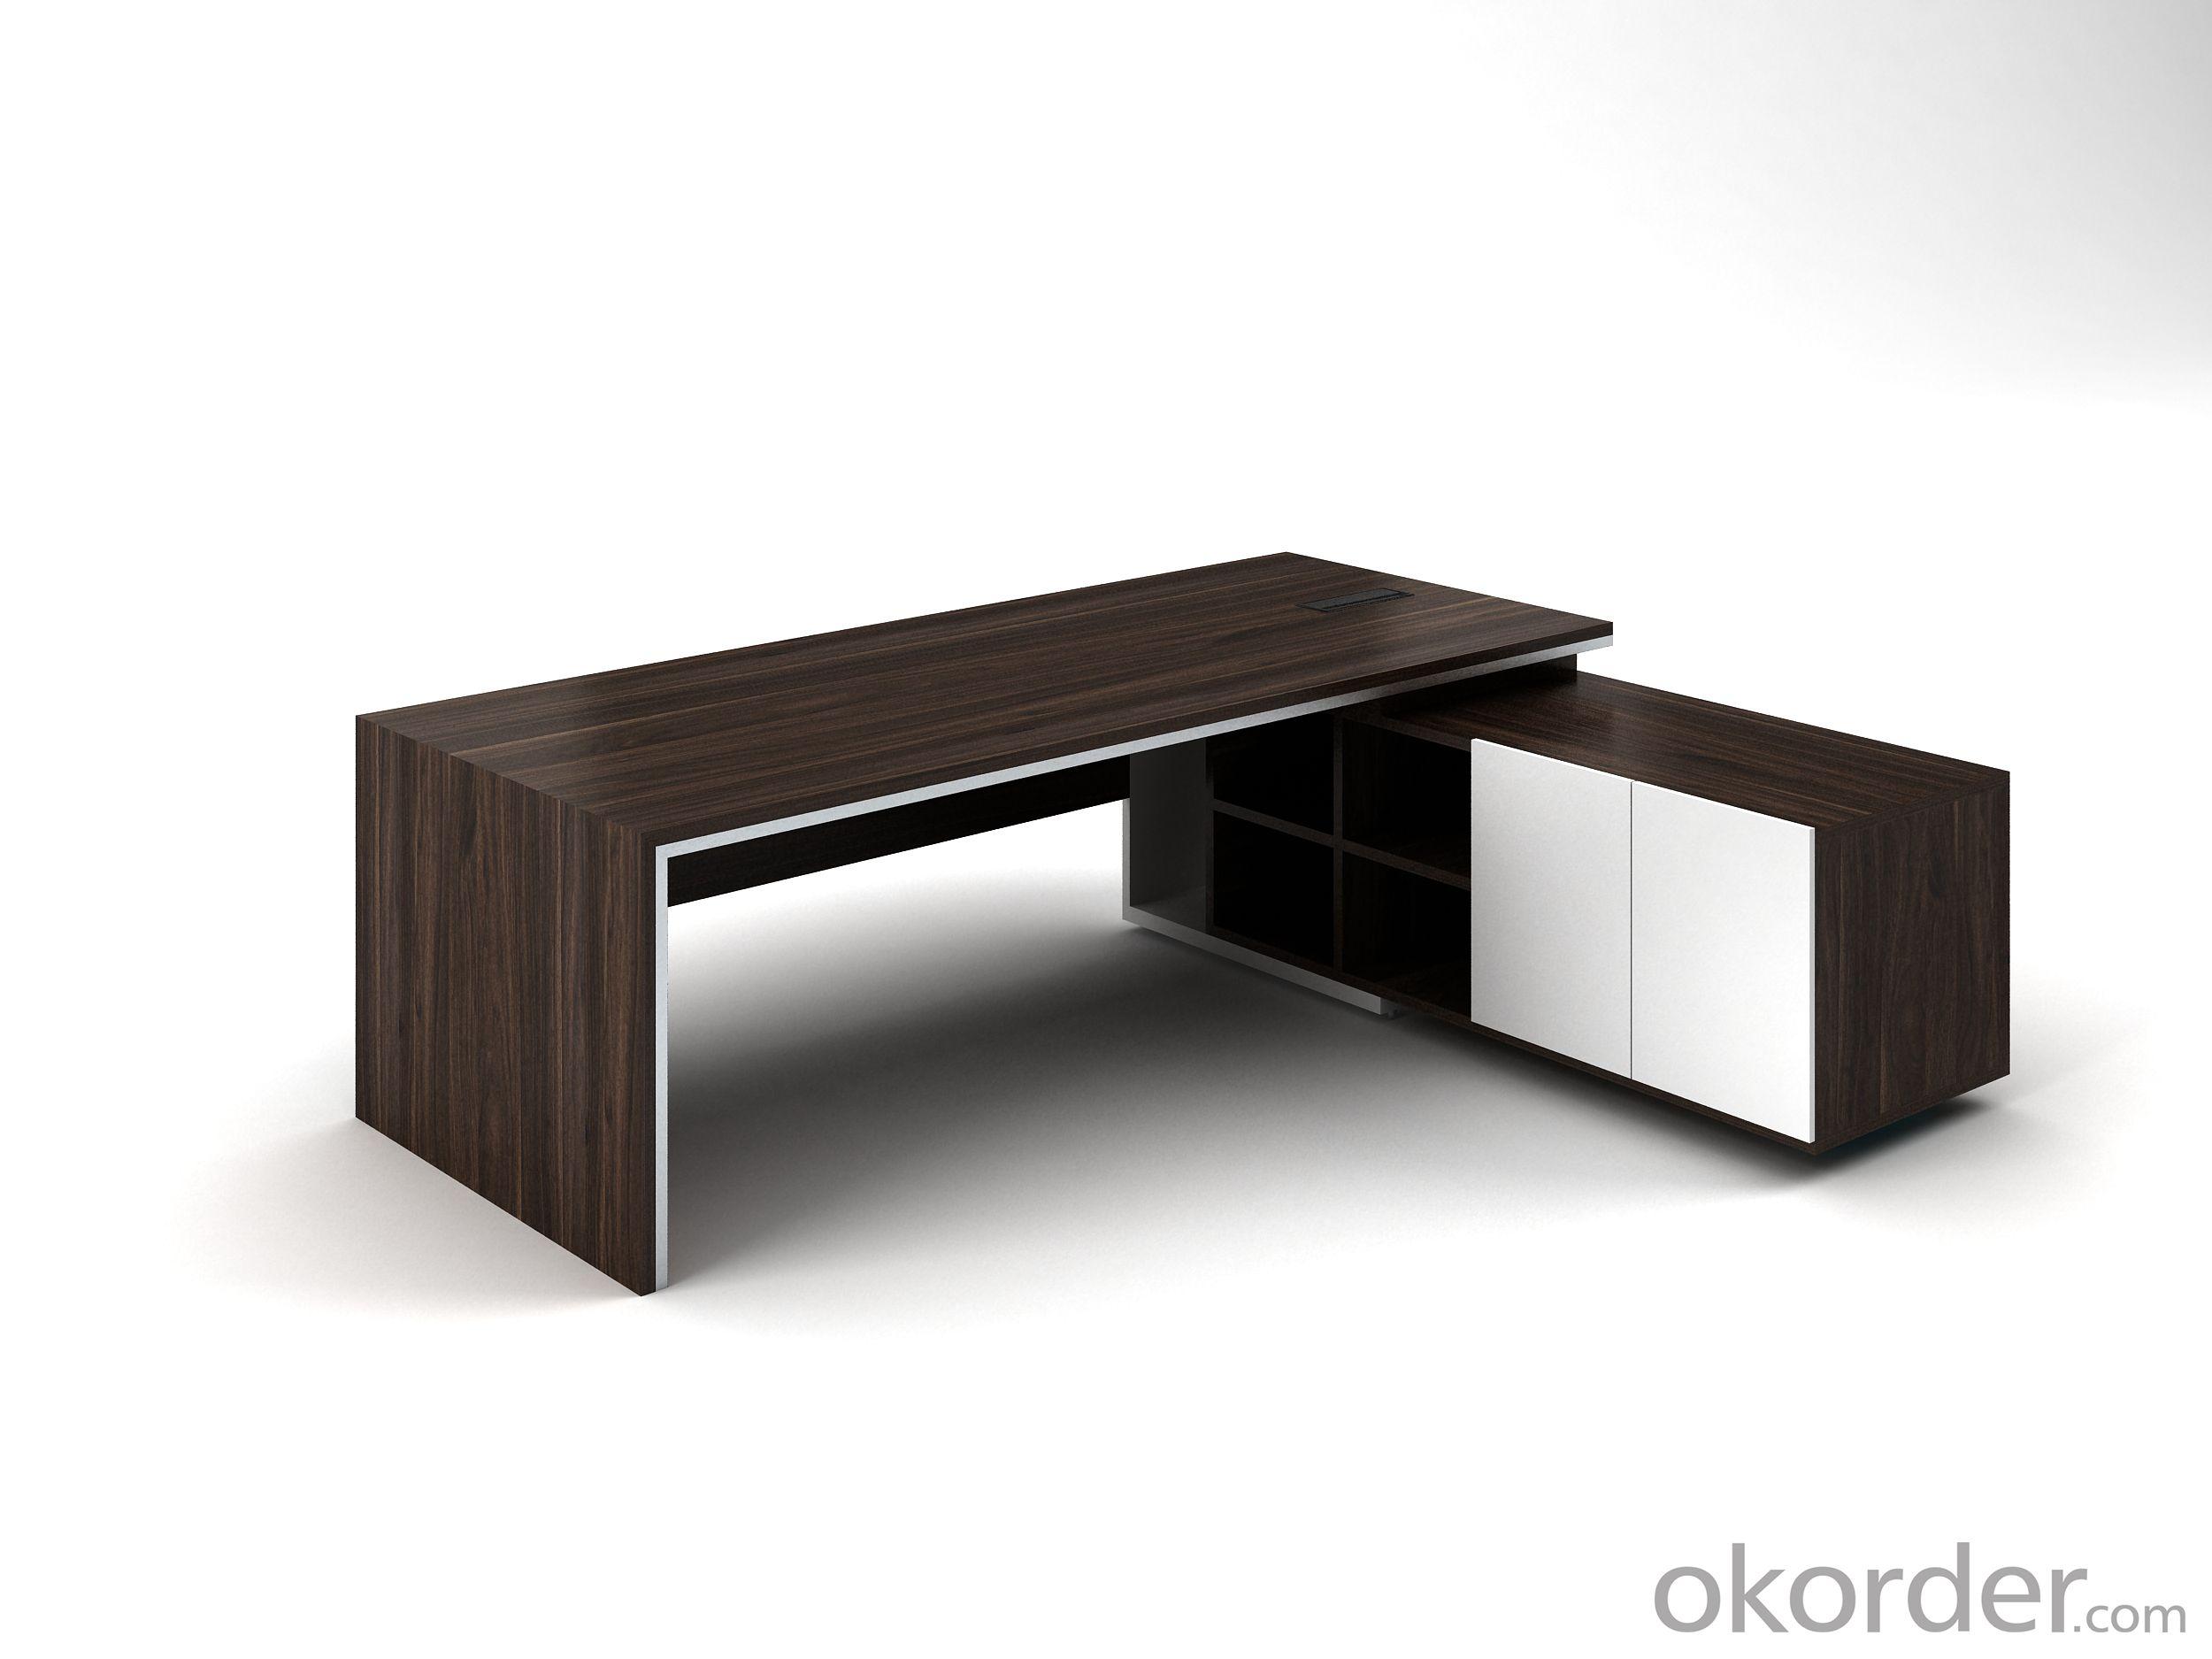 Office Furniture Oak Veneer Wood Table